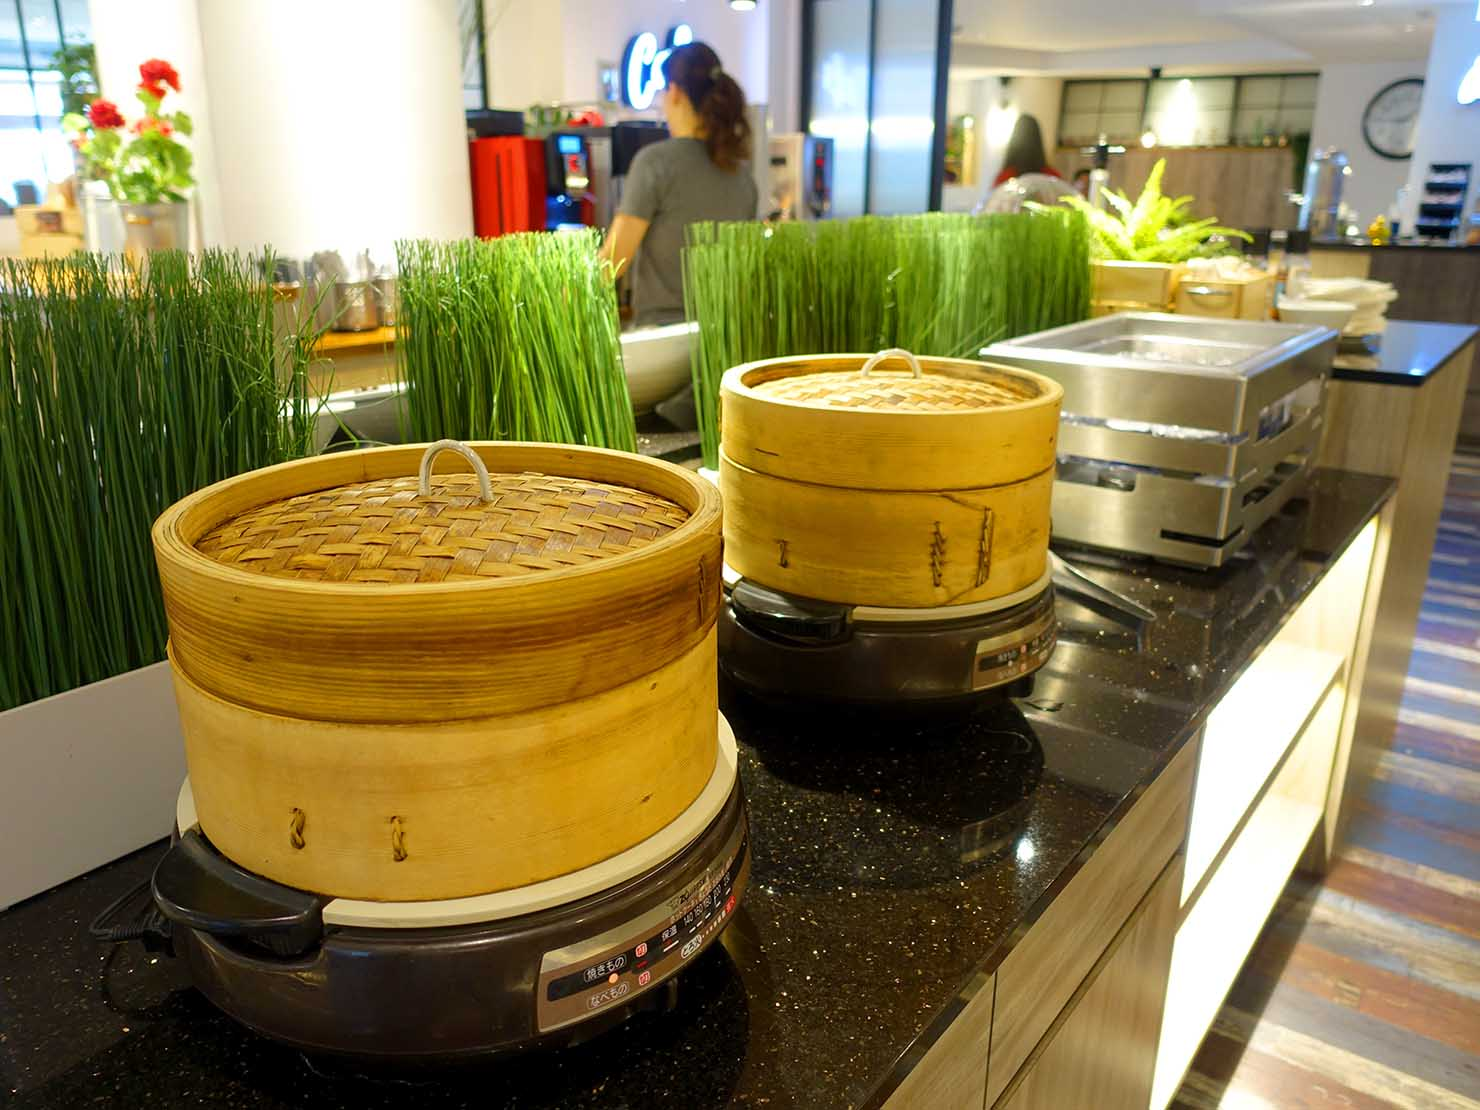 高雄・西子灣の港に立つ海辺のホテル「碧港良居 Watermark Hotel」の朝食ビュッフェ(蒸し物)